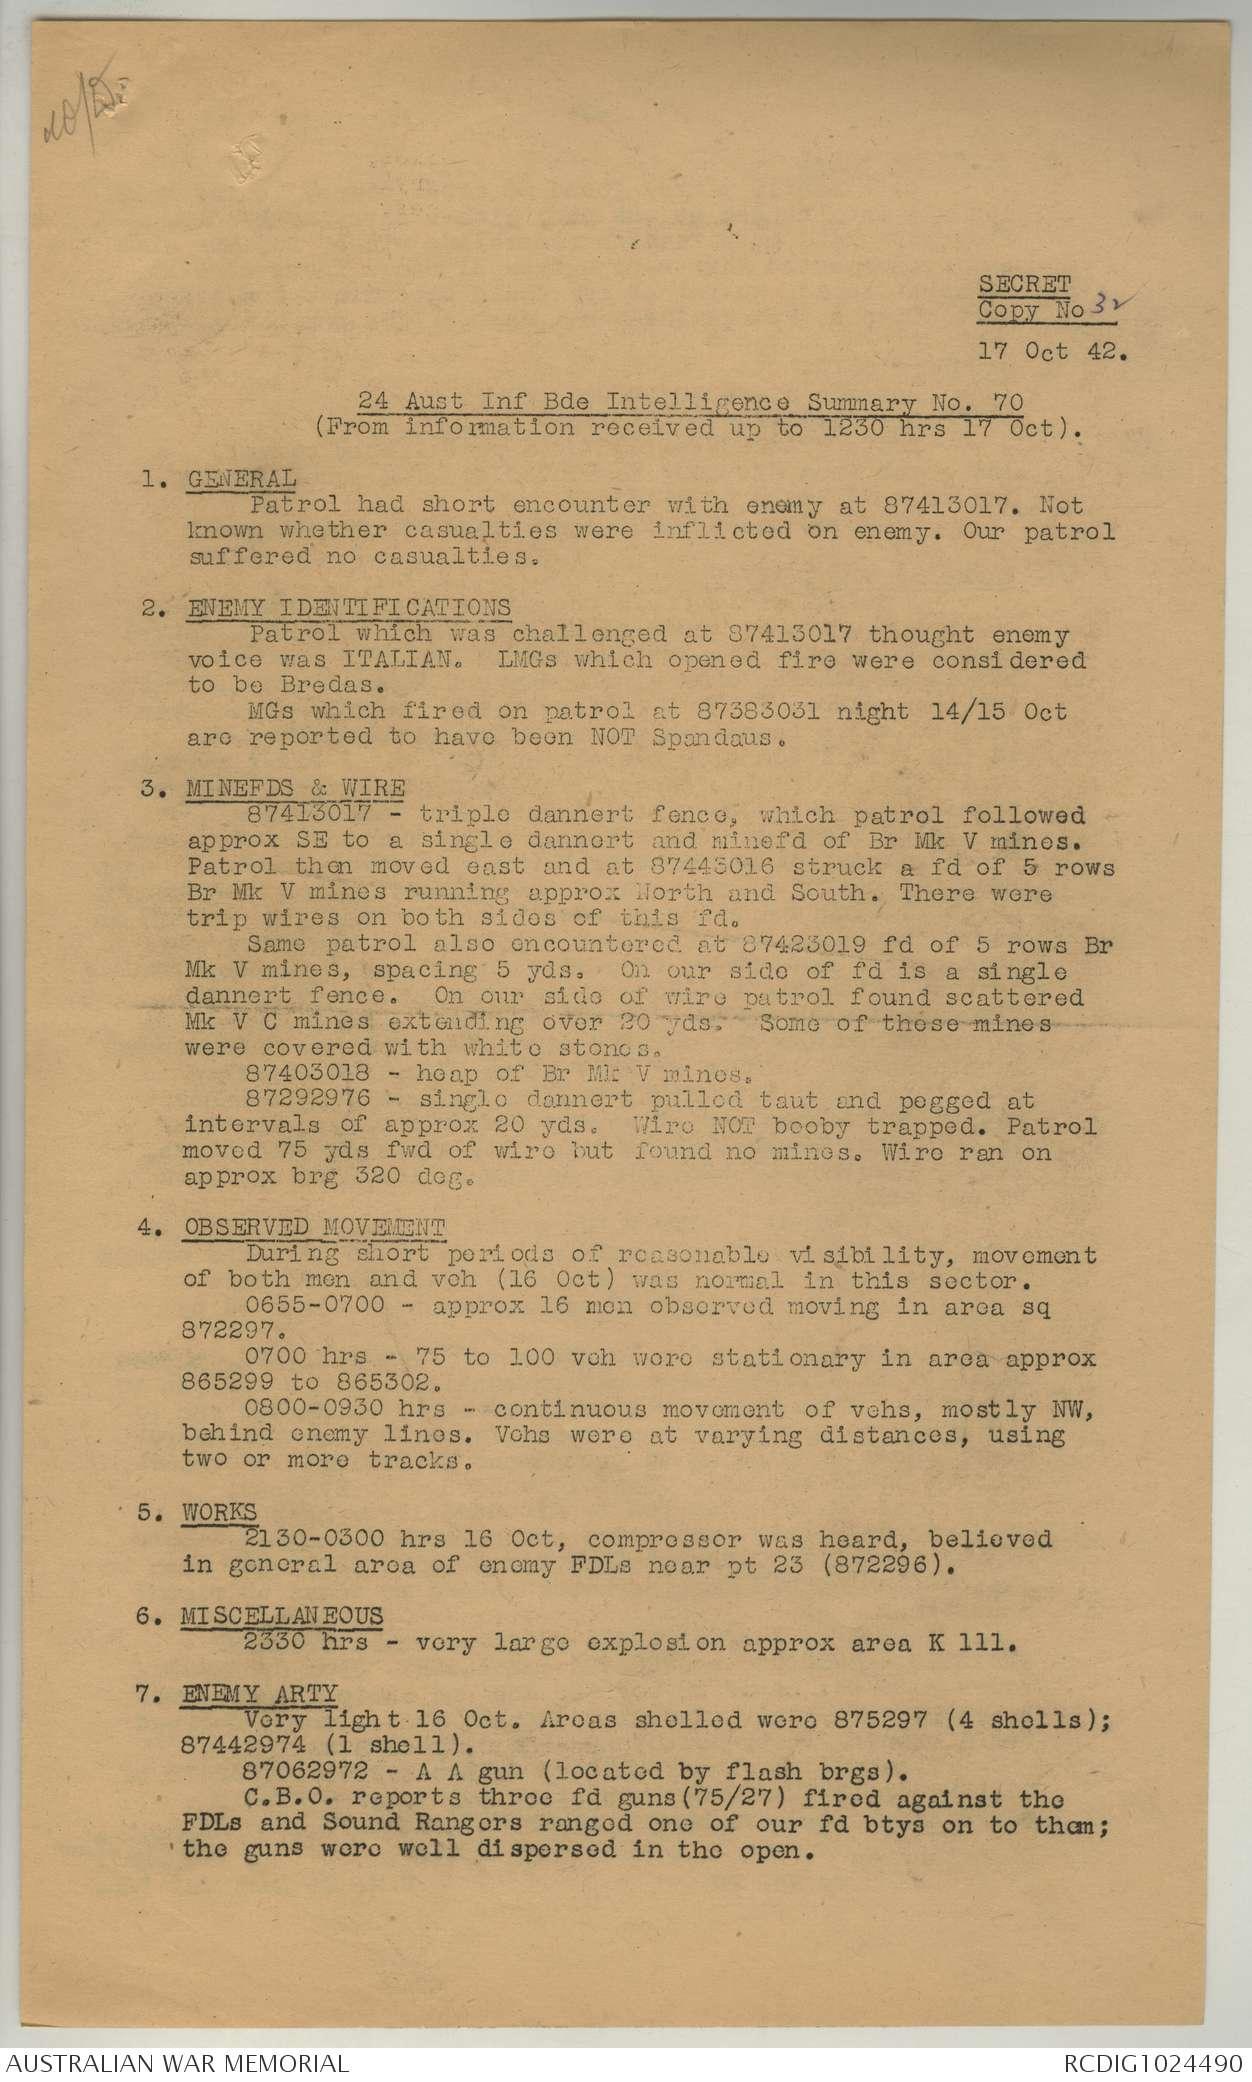 AWM52 8/2/24/13 - October 1942 | The Australian War Memorial